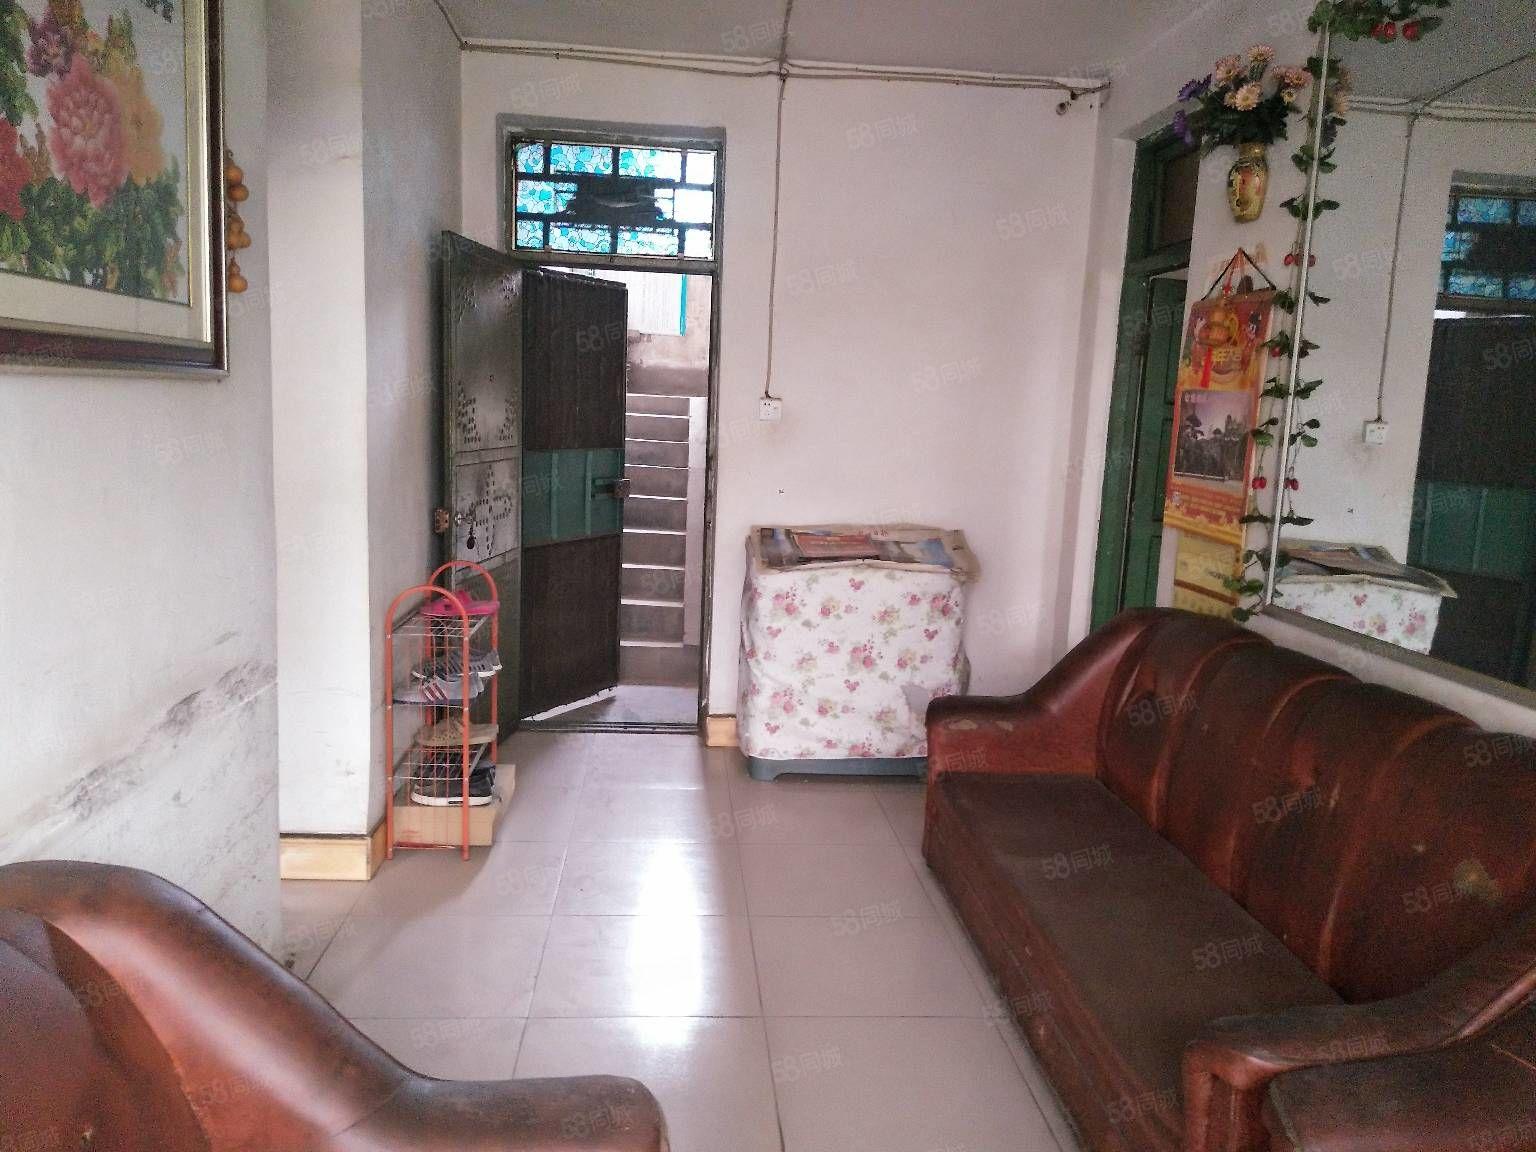 海燕鑫聚附近,老一峰旁边,步梯4楼,简单装修,拎包入住。